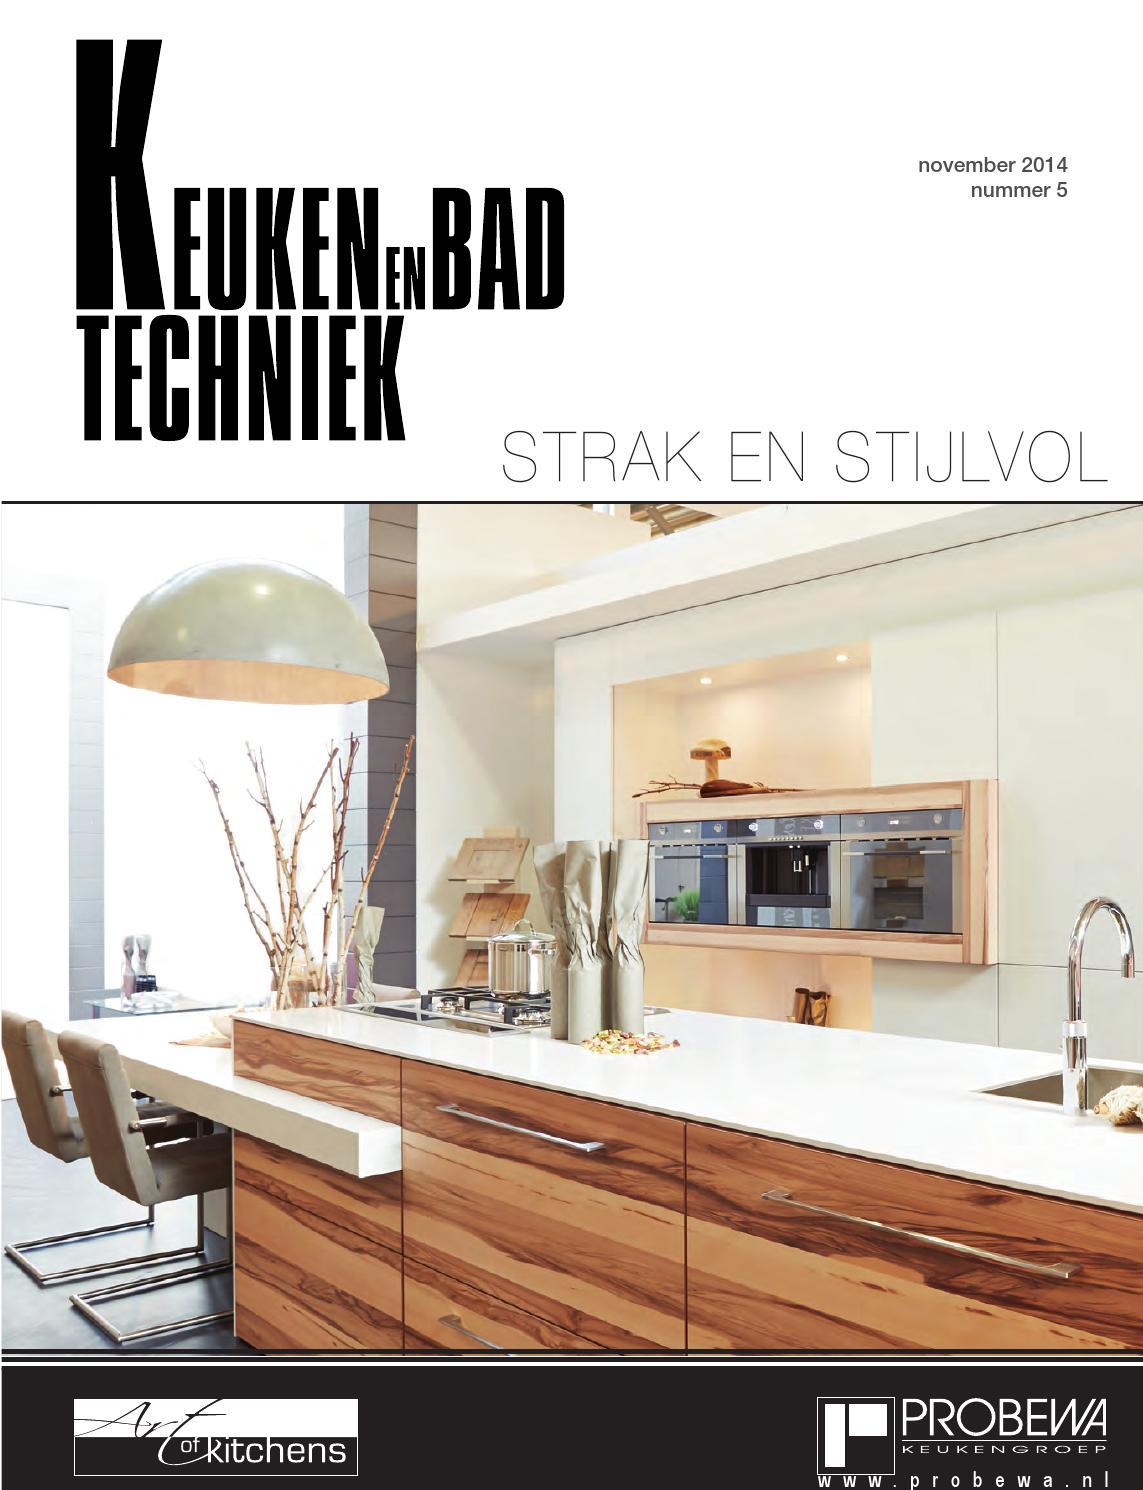 Keuken en Badtechniek by Uitgeverij De Schouw - issuu